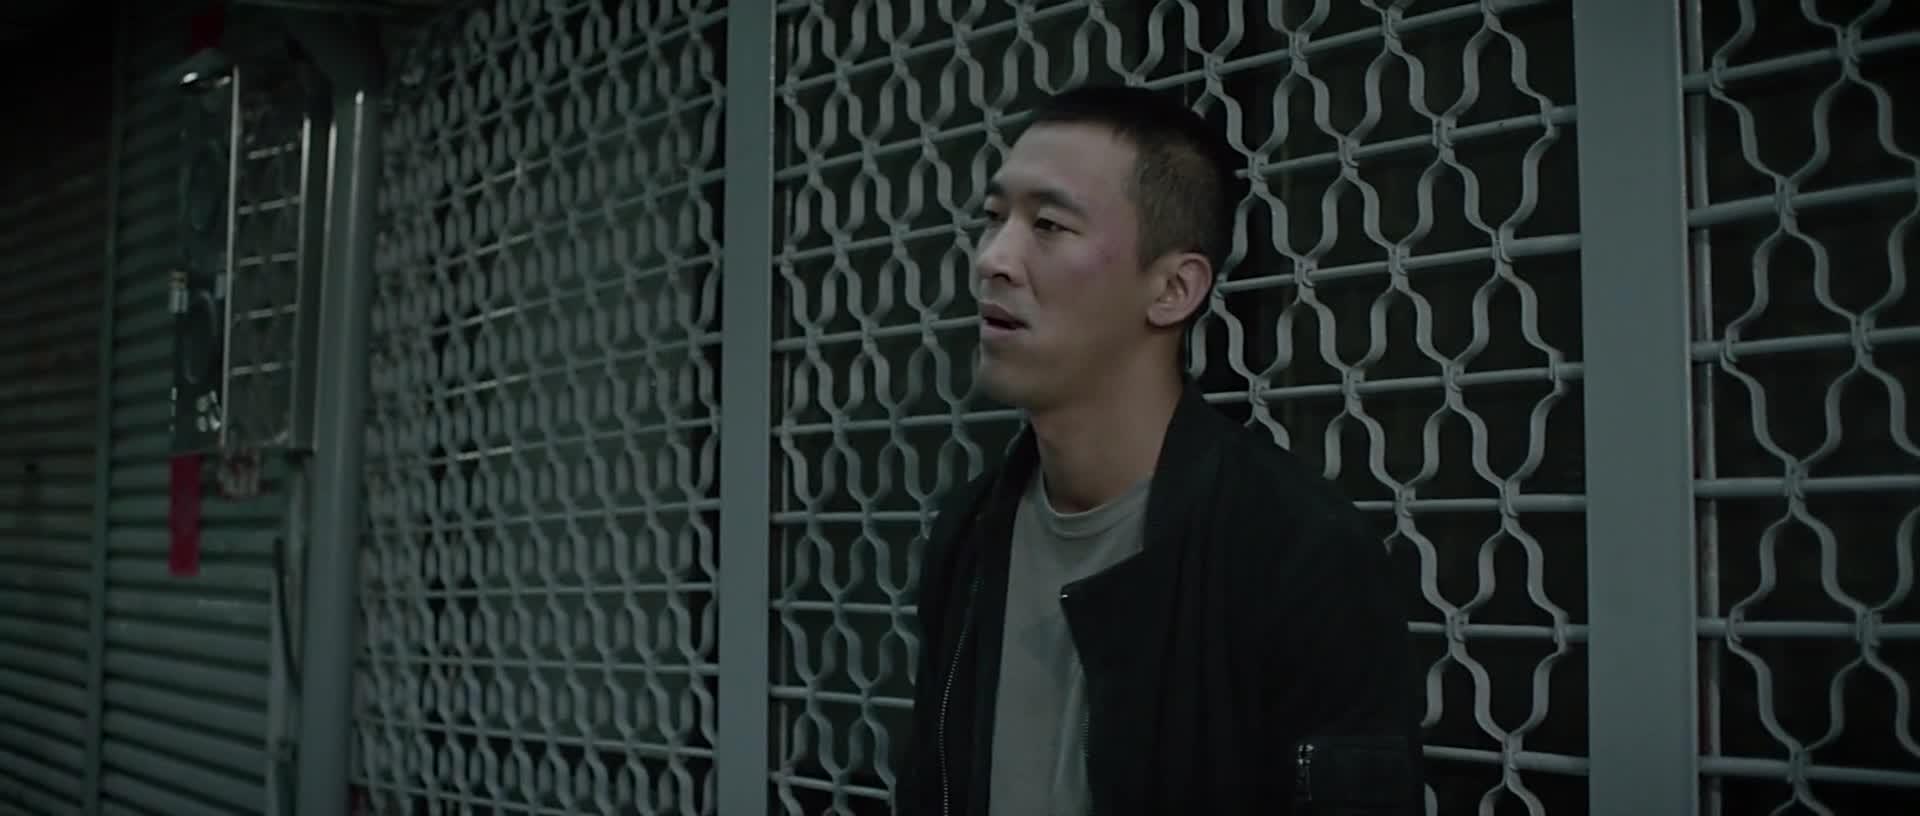 一切尘埃落定,杨念的真实身份是邓家明警官